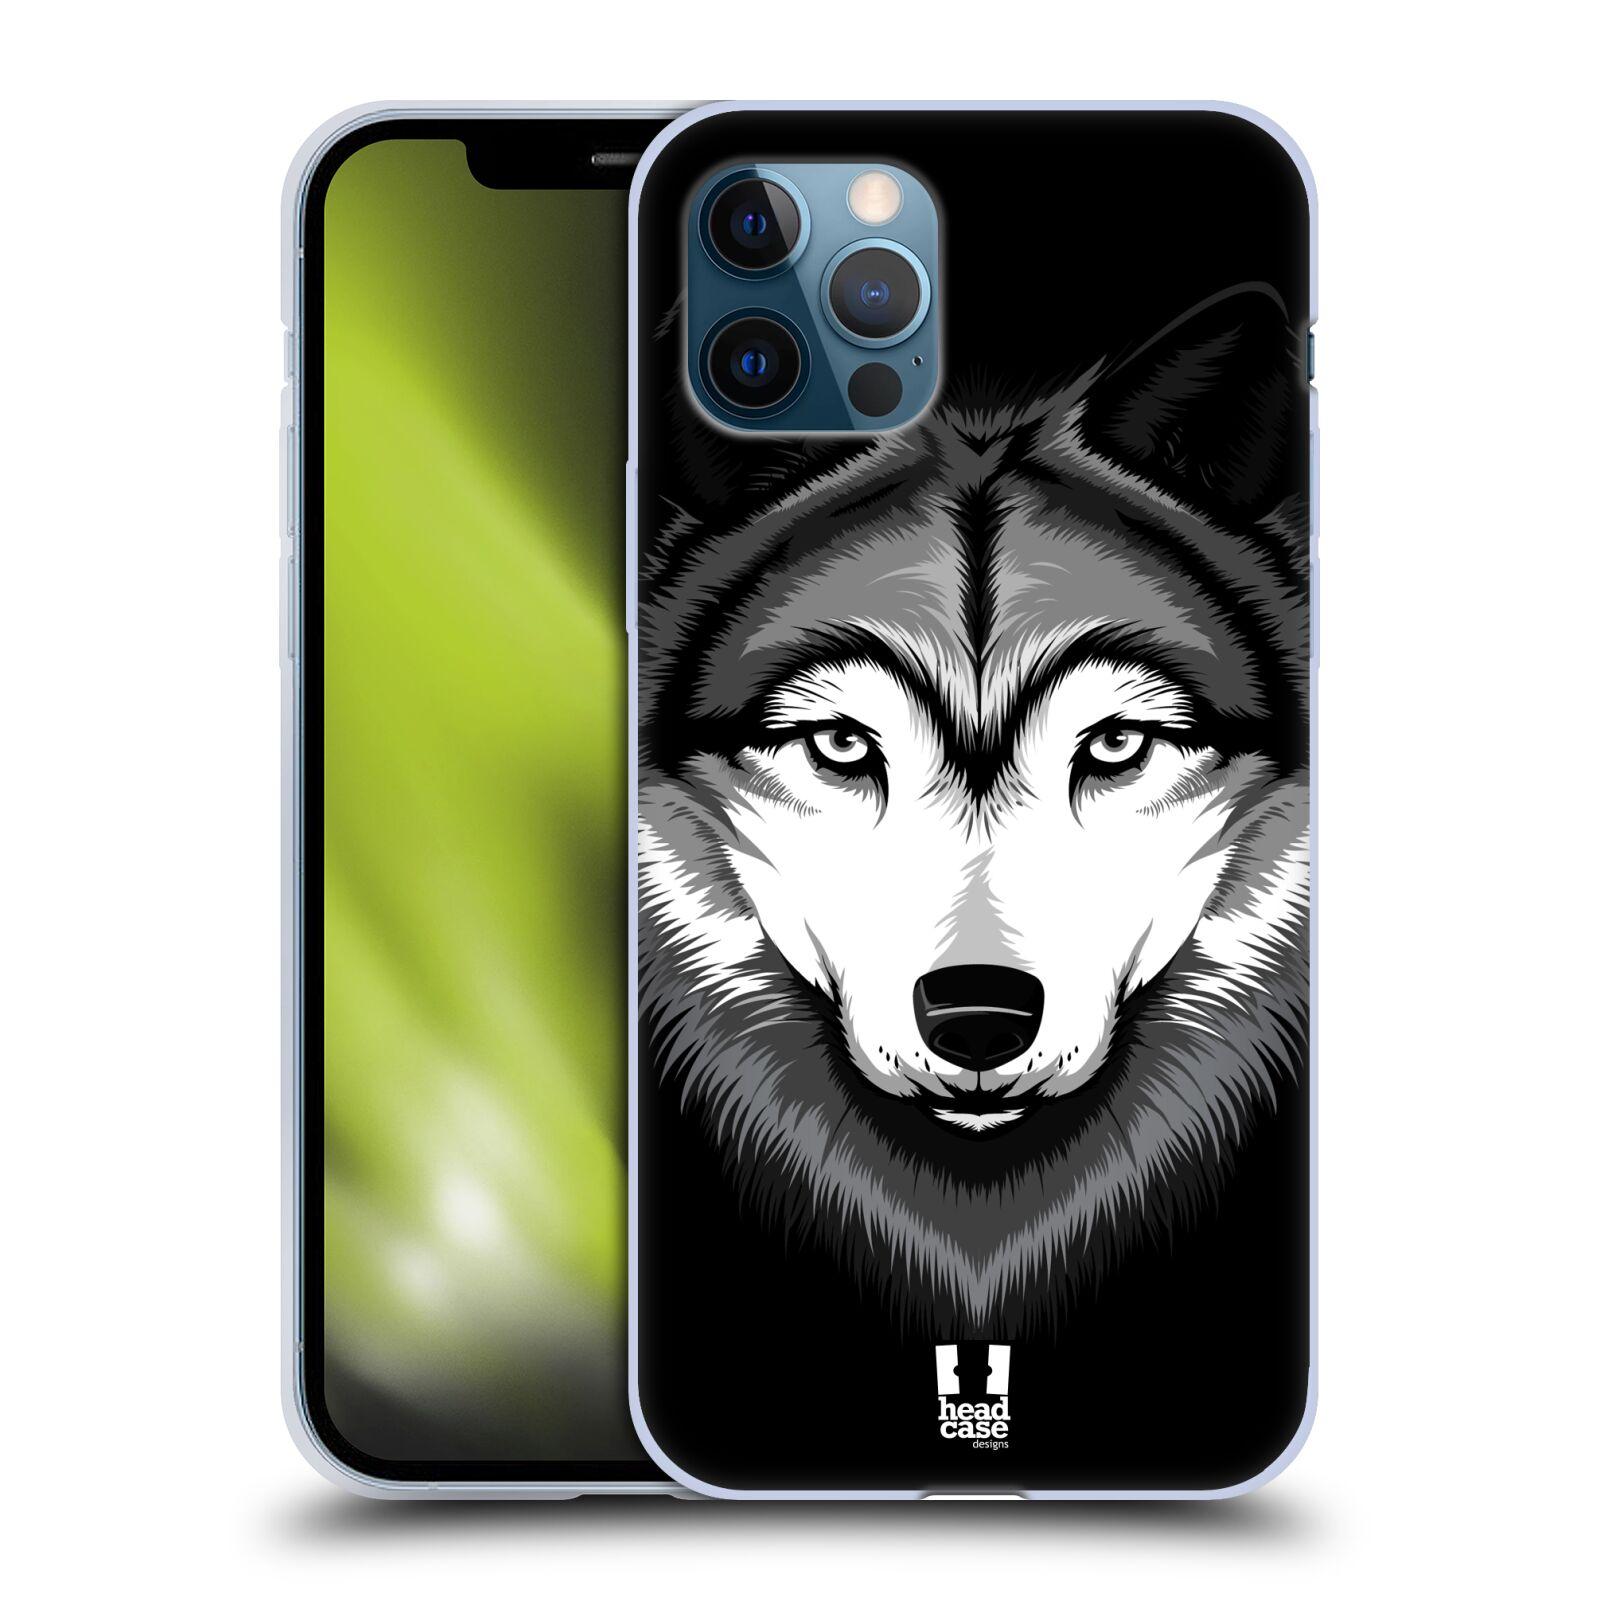 Silikonové pouzdro na mobil Apple iPhone 12 / 12 Pro - Head Case - ILUSTROVANÝ VLK